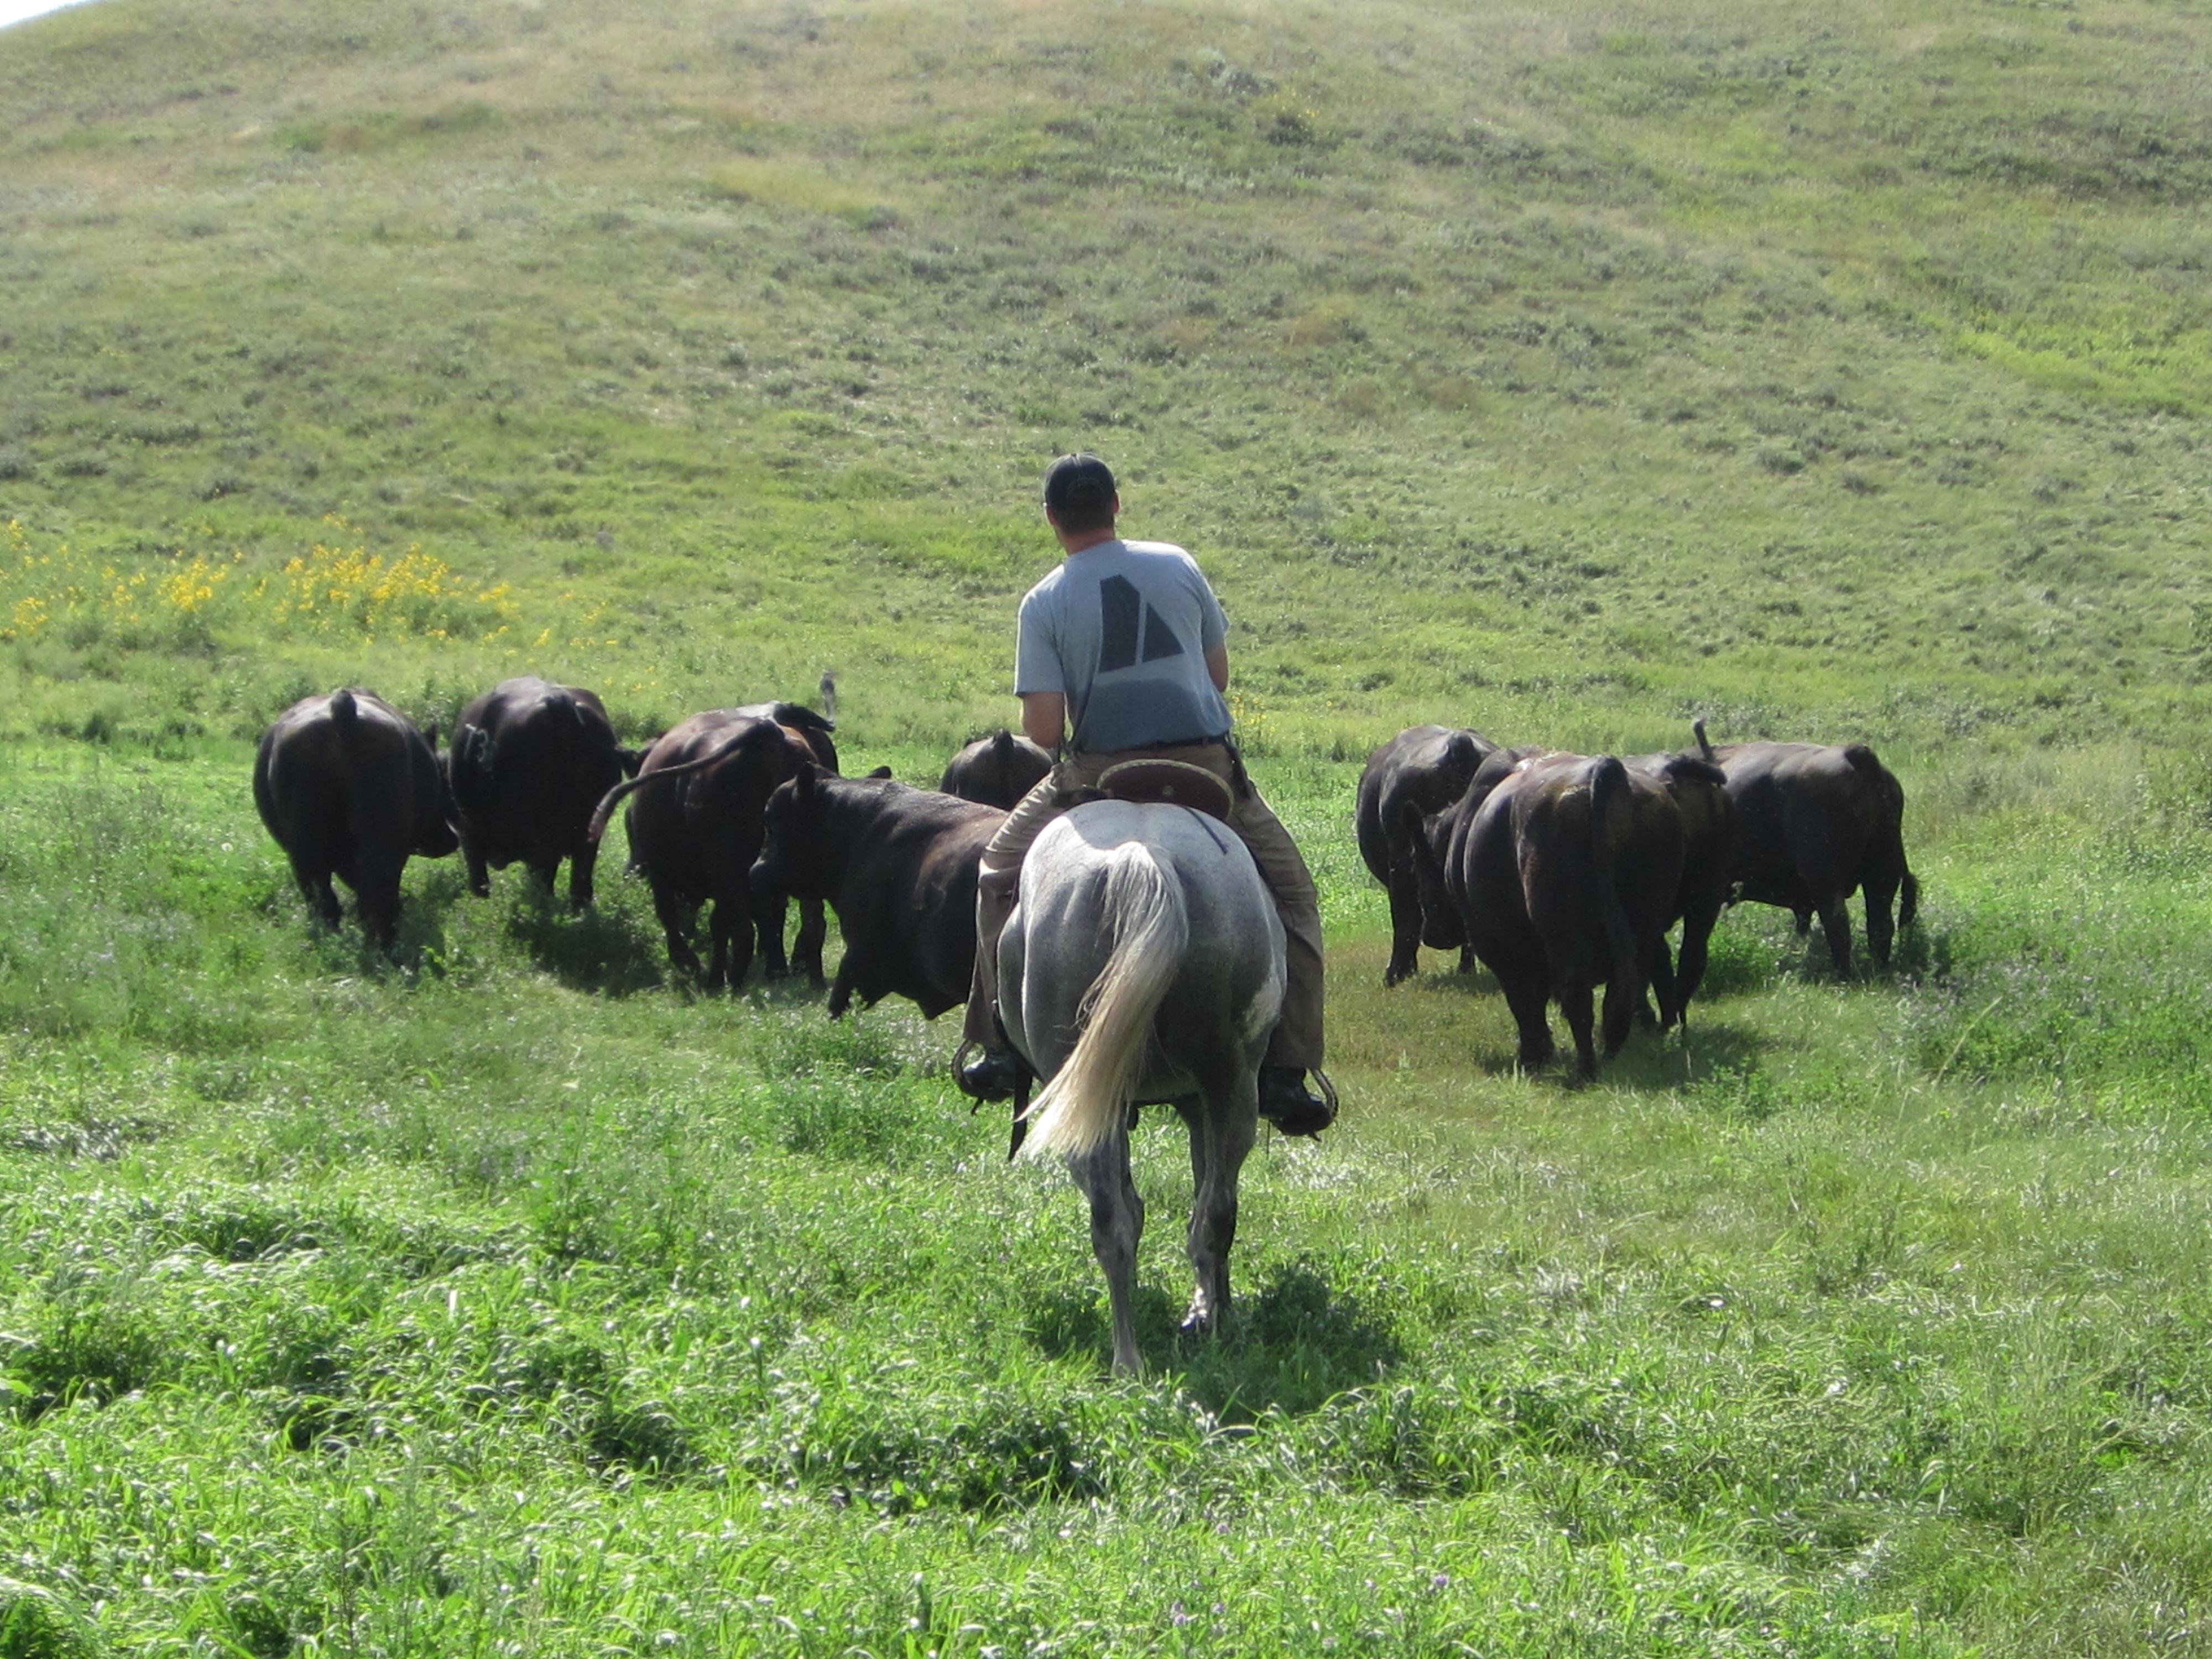 Sorting bulls